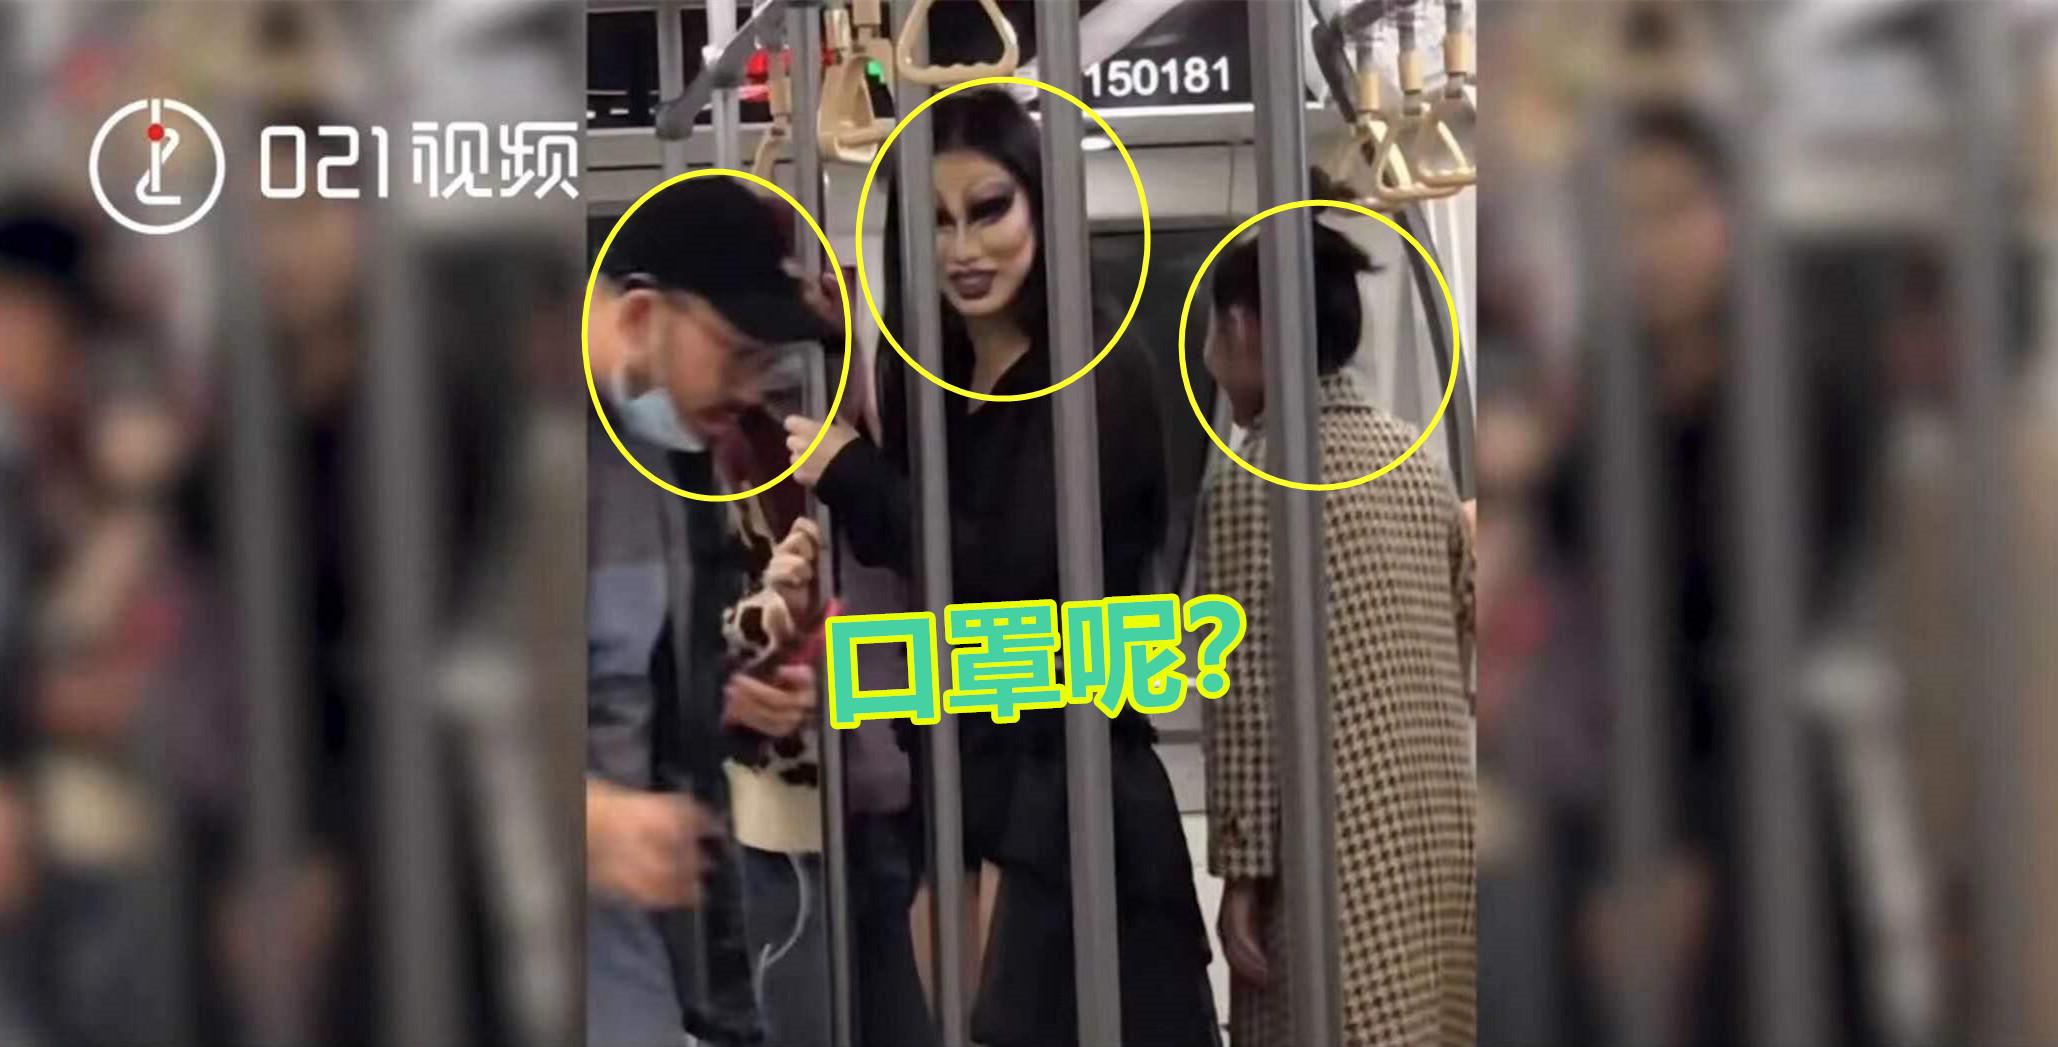 上海地铁15号线奇葩一幕:乘客化惊悚妆摆拍,还不戴口罩?